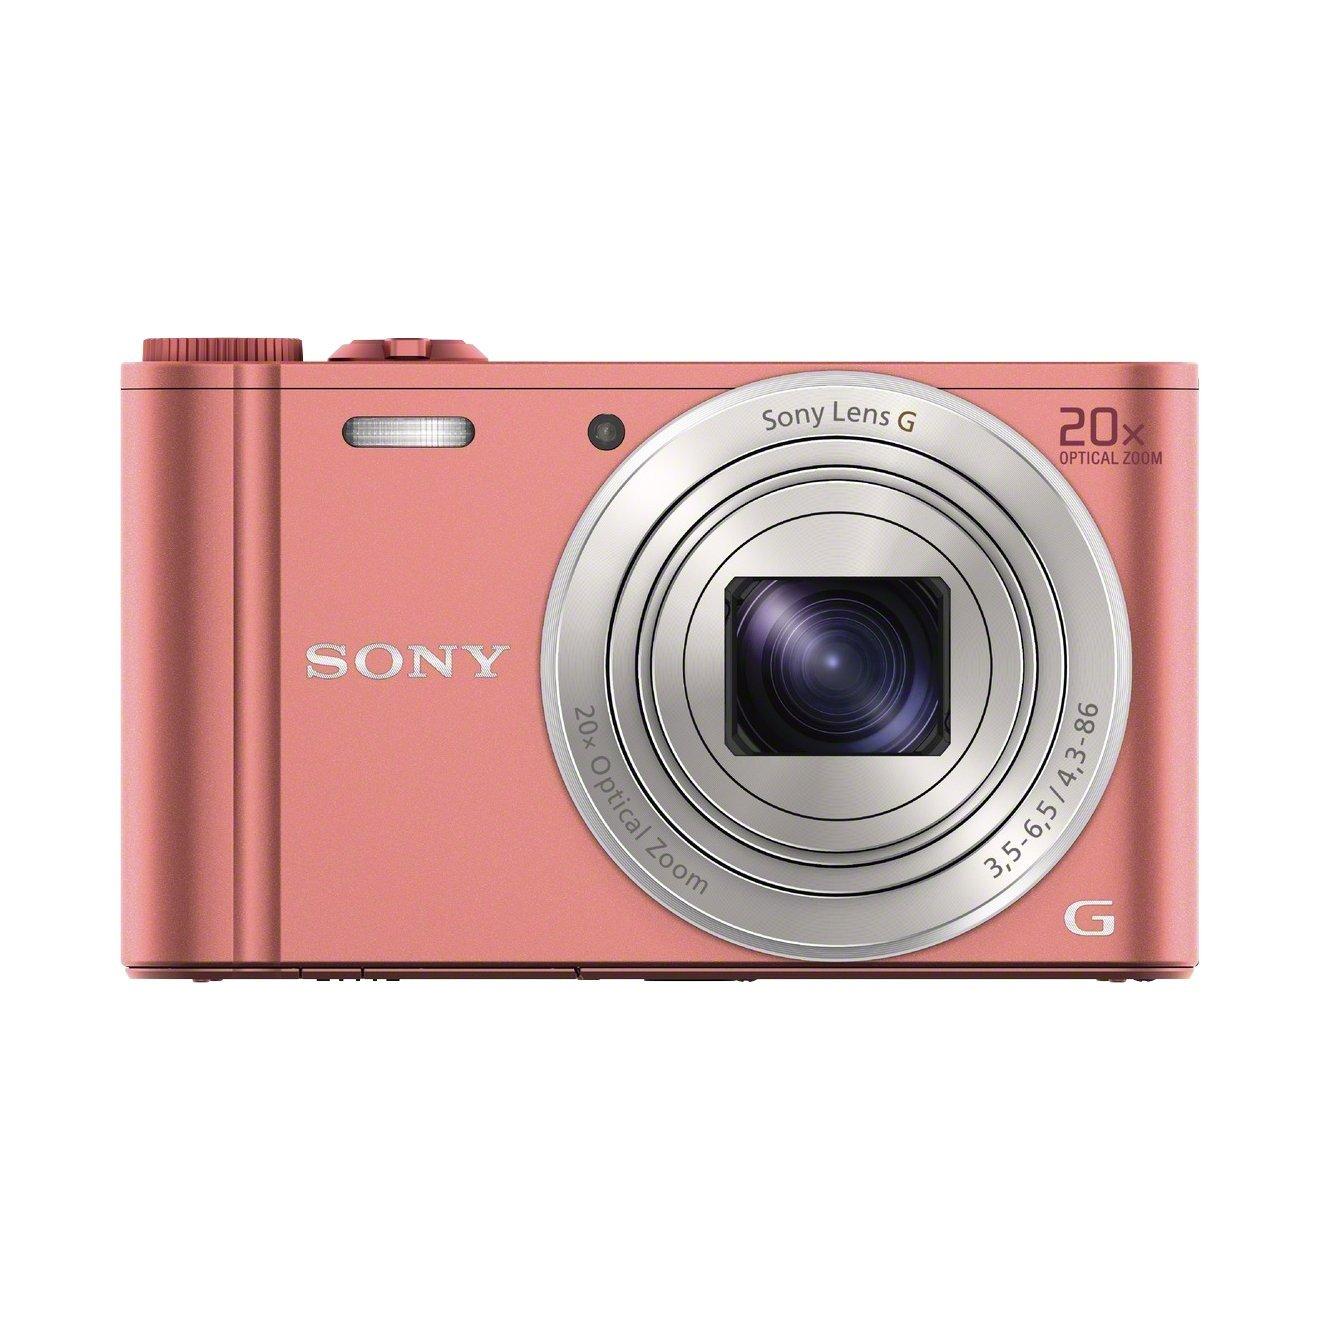 Sony DSC-WX350 Digitalkamera 3 Zoll pink: Amazon.de: Kamera